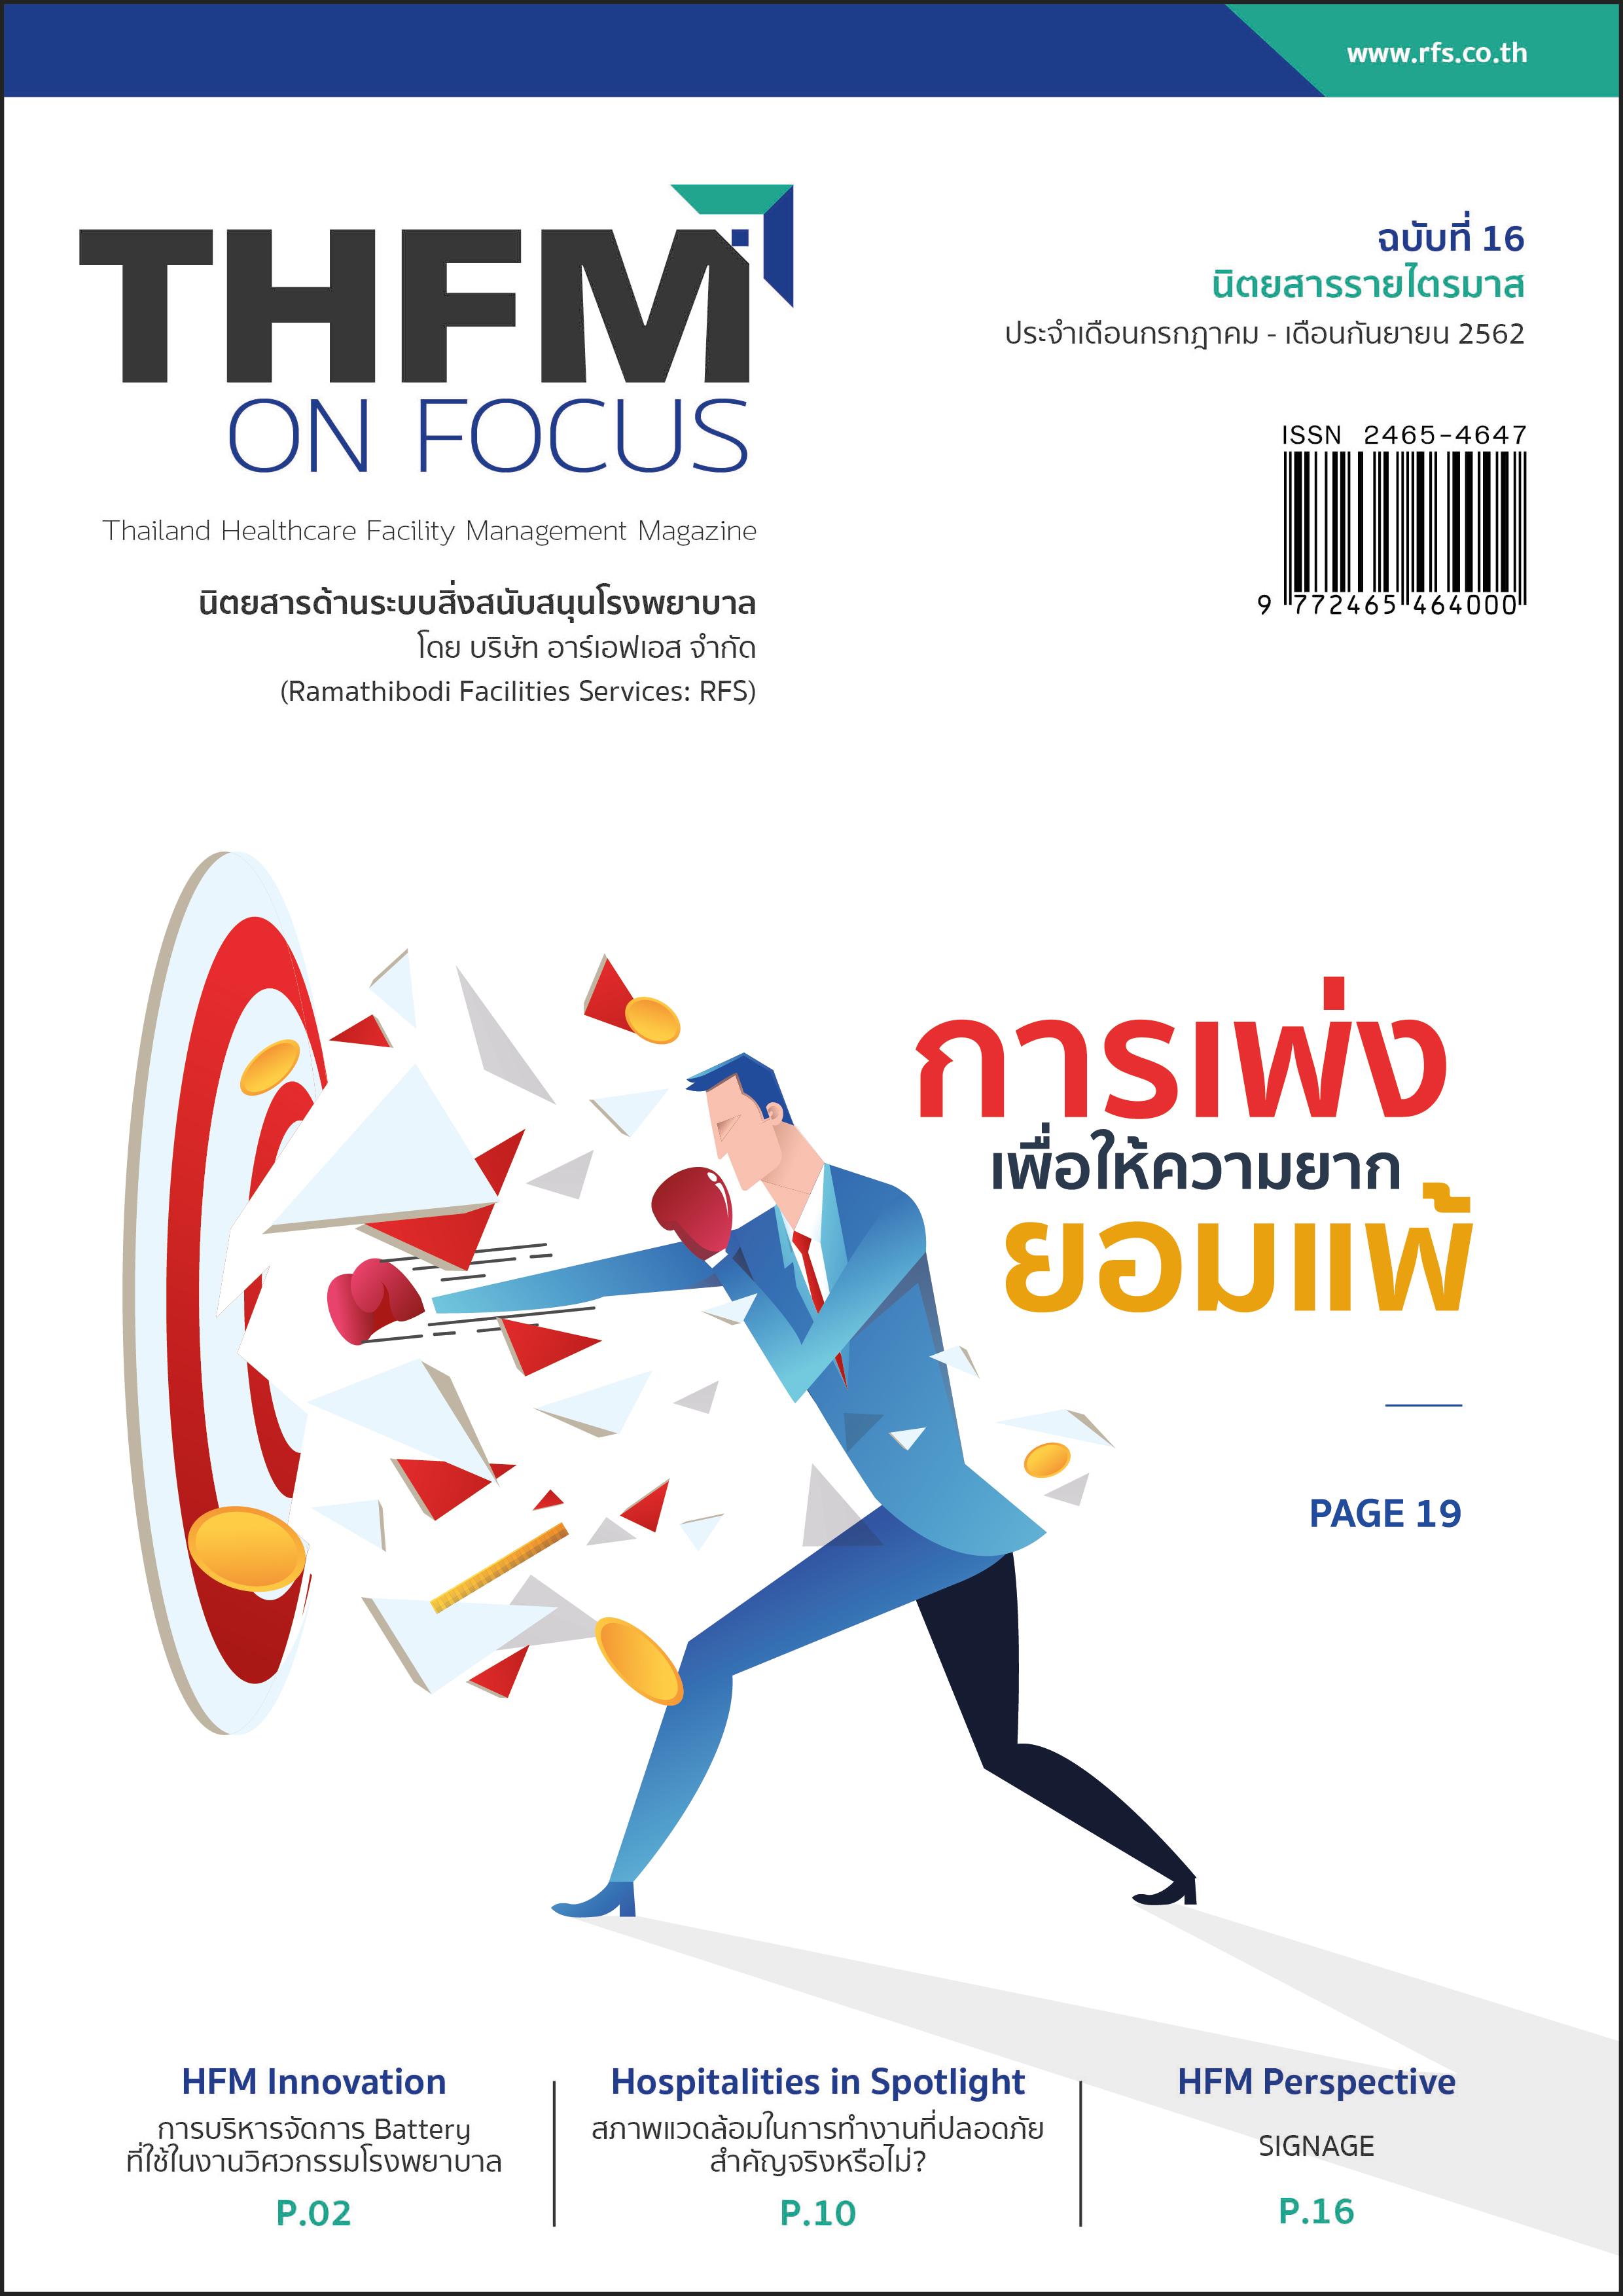 นิตยสารระบบสิ่งสนับสนุนรพ. ฉบับที่16